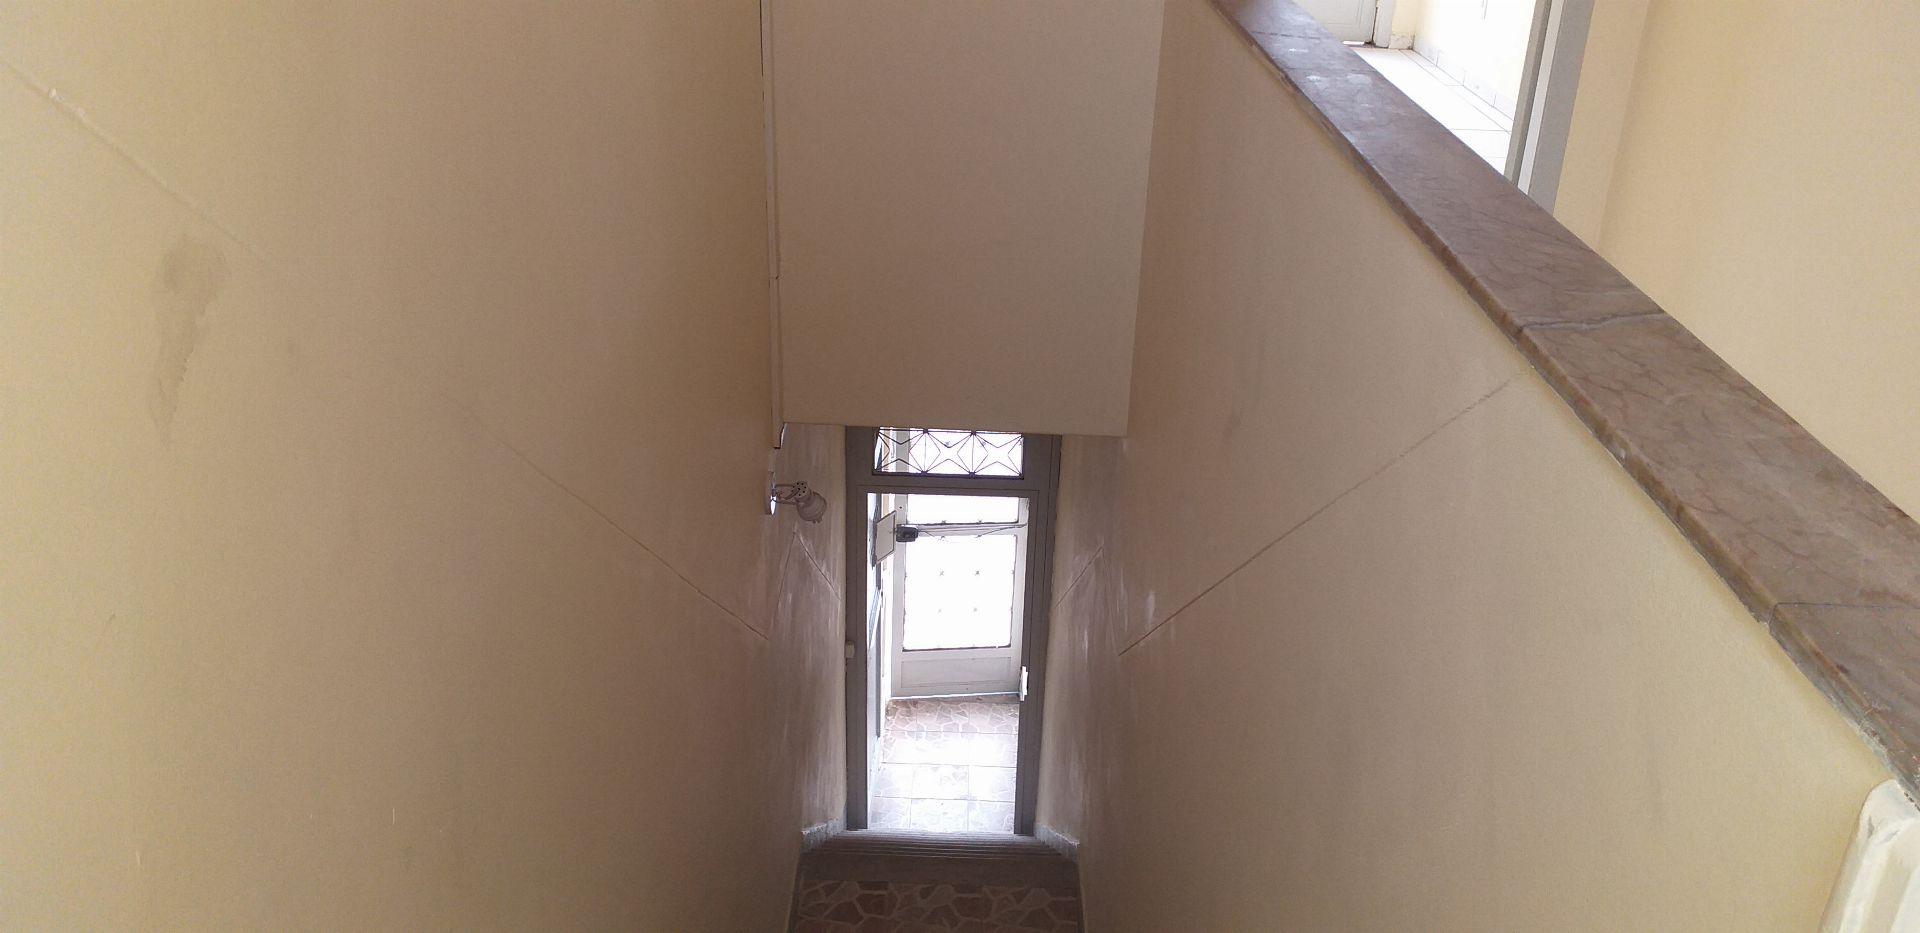 Apartamento Rua Prefeito Olímpio de Melo,Benfica,Zona Norte,Rio de Janeiro,RJ Para Alugar,4 Quartos,90m² - 649 - 3